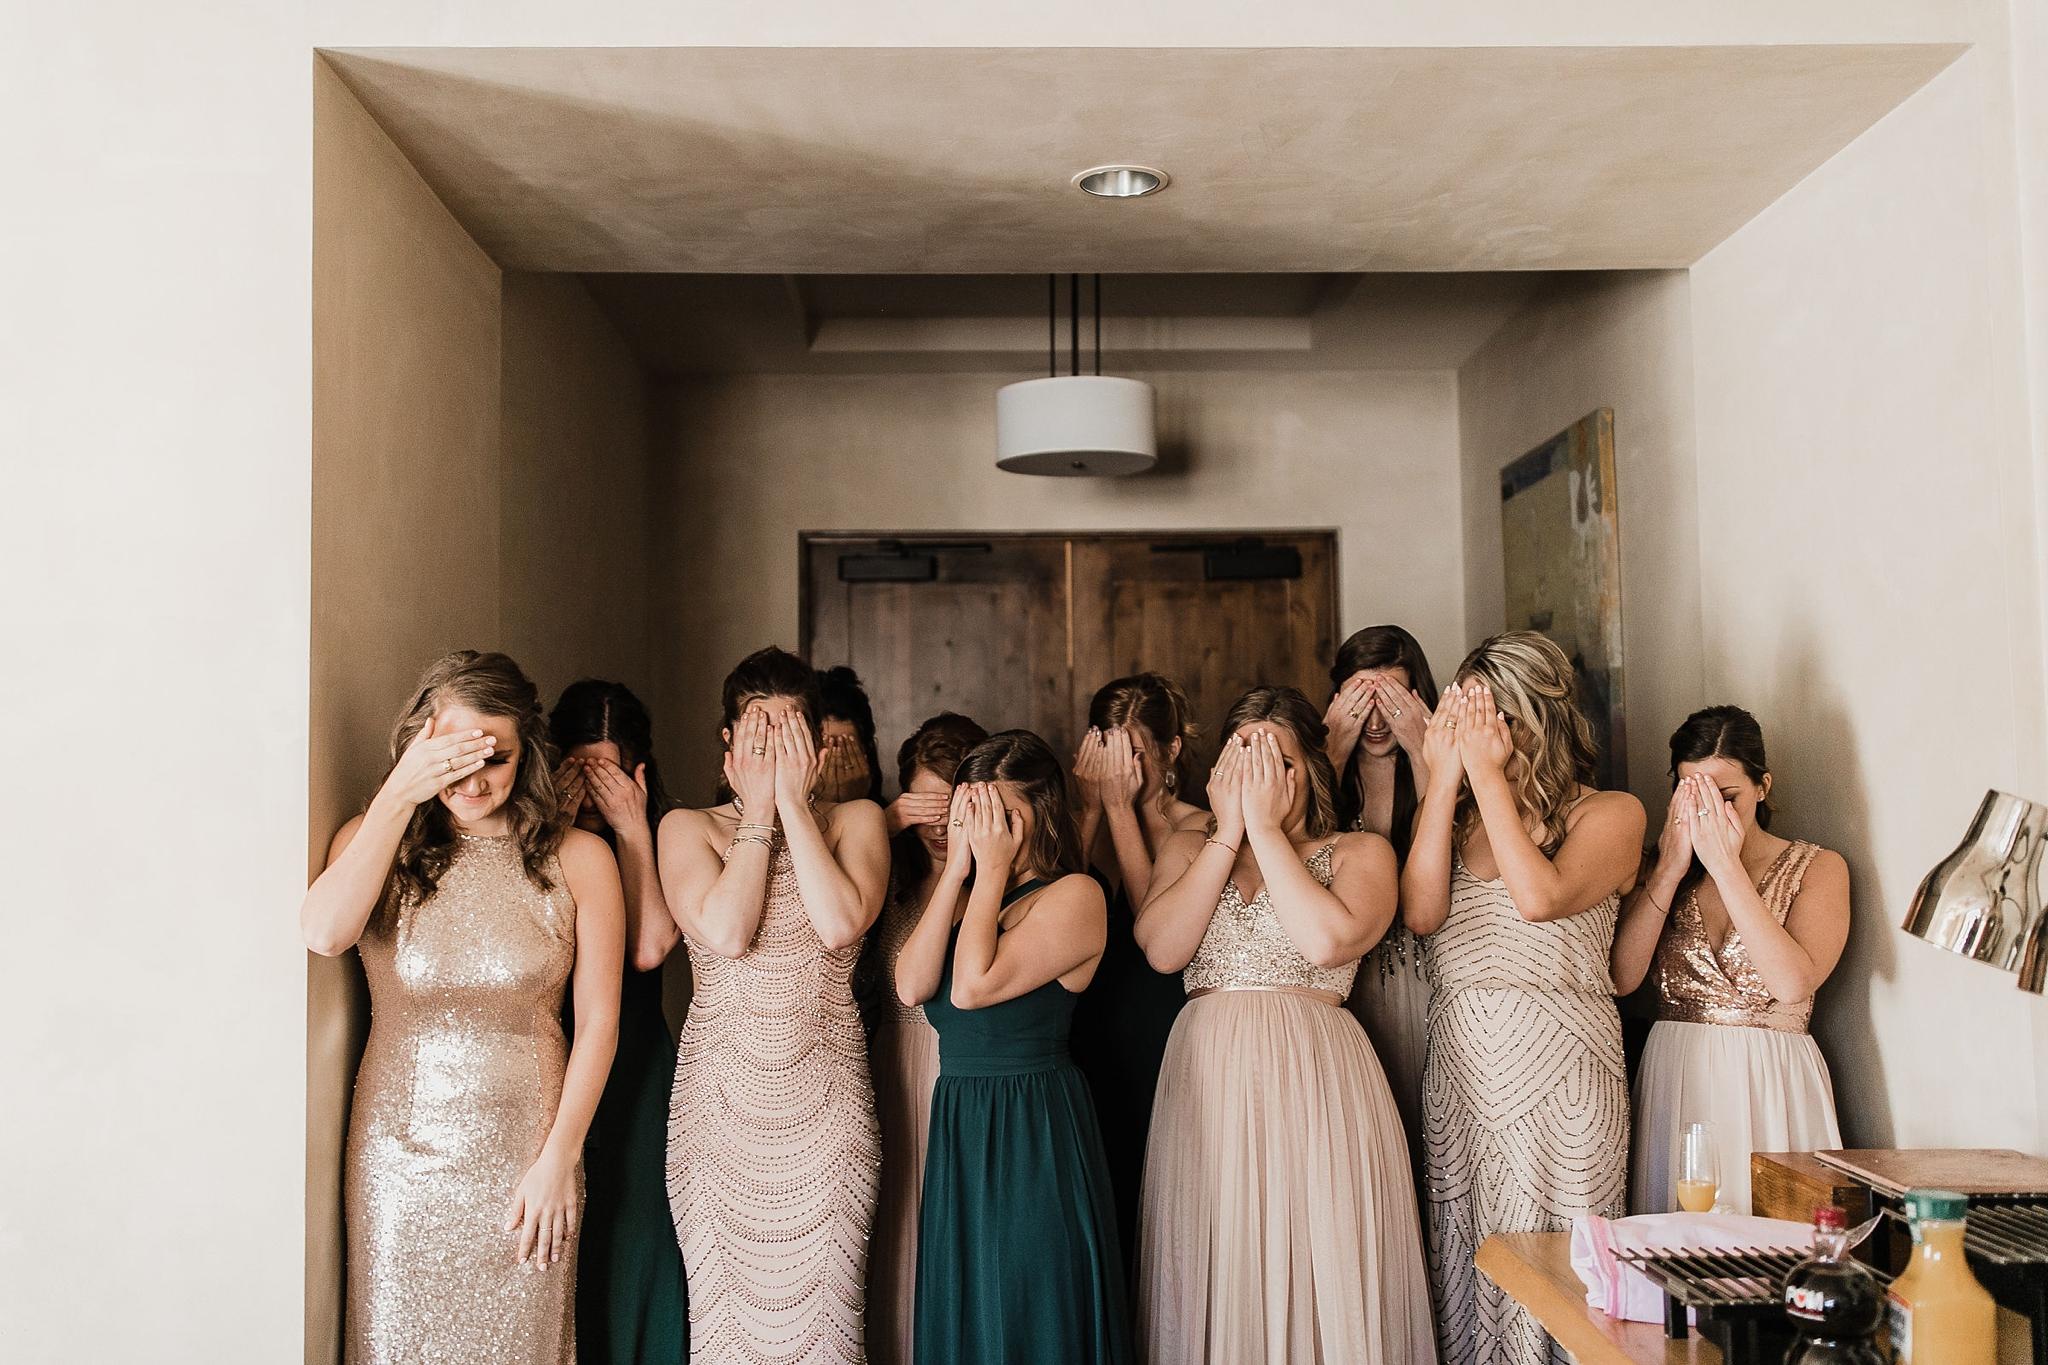 Alicia+lucia+photography+-+albuquerque+wedding+photographer+-+santa+fe+wedding+photography+-+new+mexico+wedding+photographer+-+new+mexico+wedding+-+santa+fe+wedding+-+four+seasons+wedding+-+winter+wedding_0015.jpg